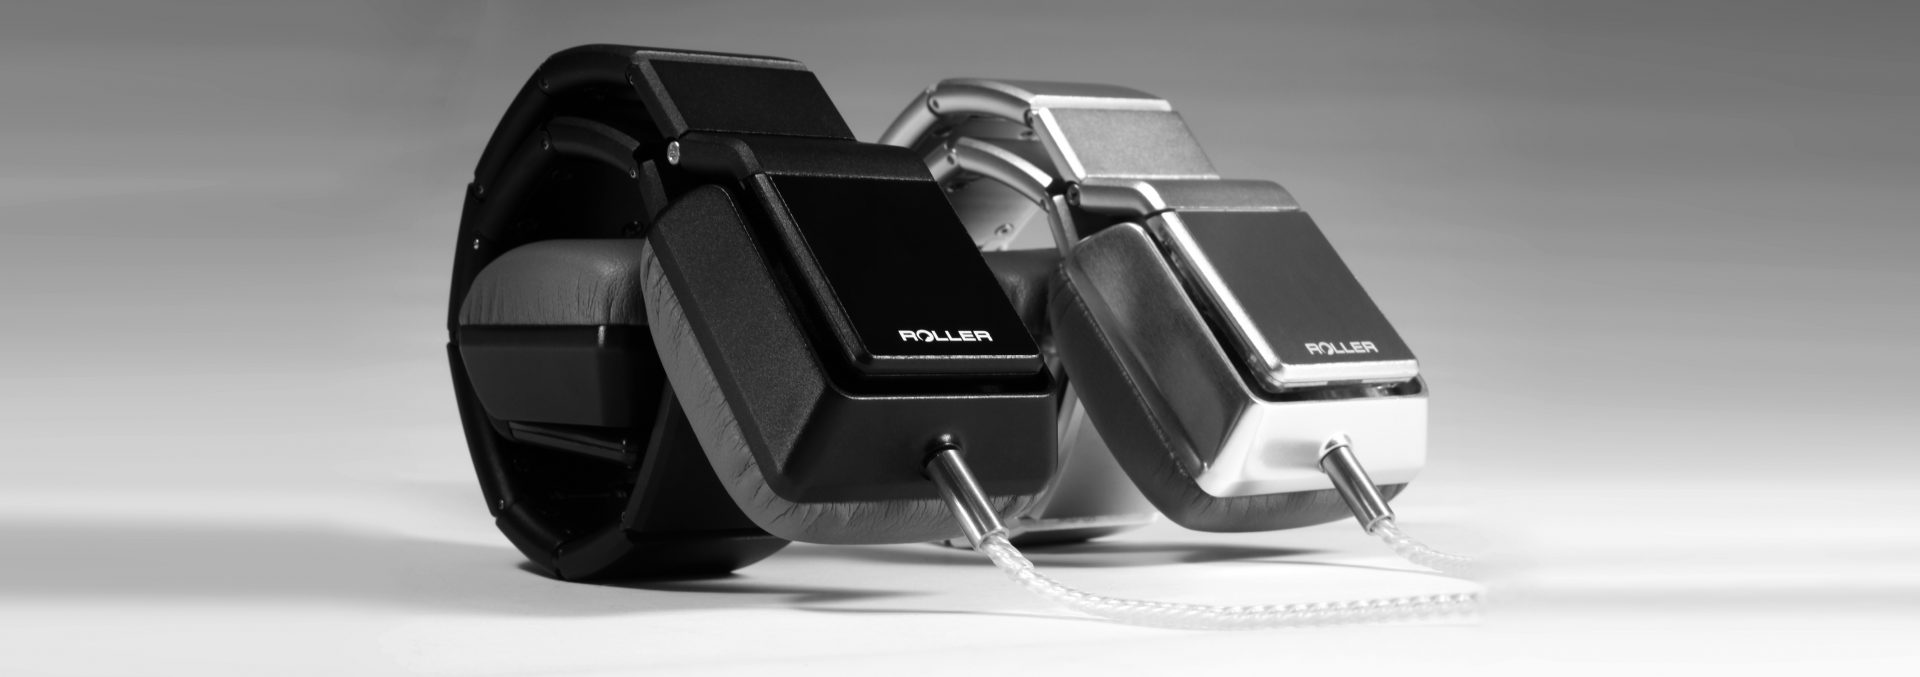 TT321 ROLLER MK01 & MK01B